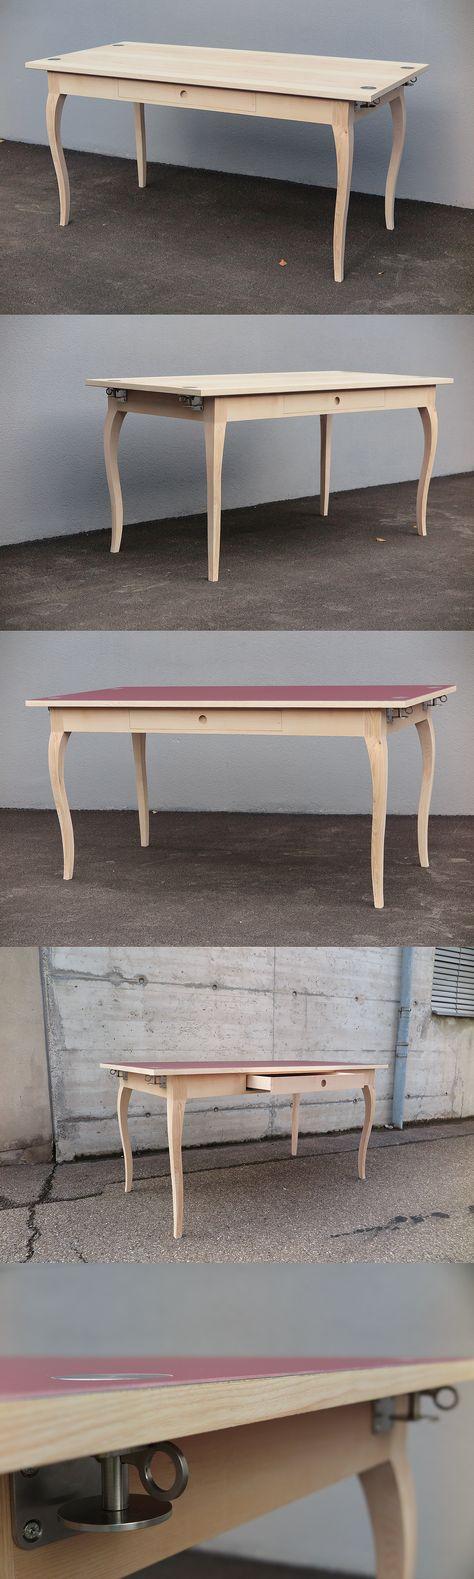 Abschlussmöbel von meiner Ausbildung als Schreiner. Tisch mit universellem Tischblatt und Geschweiften Tischfüssen. Unterbau in Esche, das Innenleben und die Schublade sind in Ahorn    Das Tischblatt in Desktop Linoleum belegt und die andere Seite Kernesche Furniert.